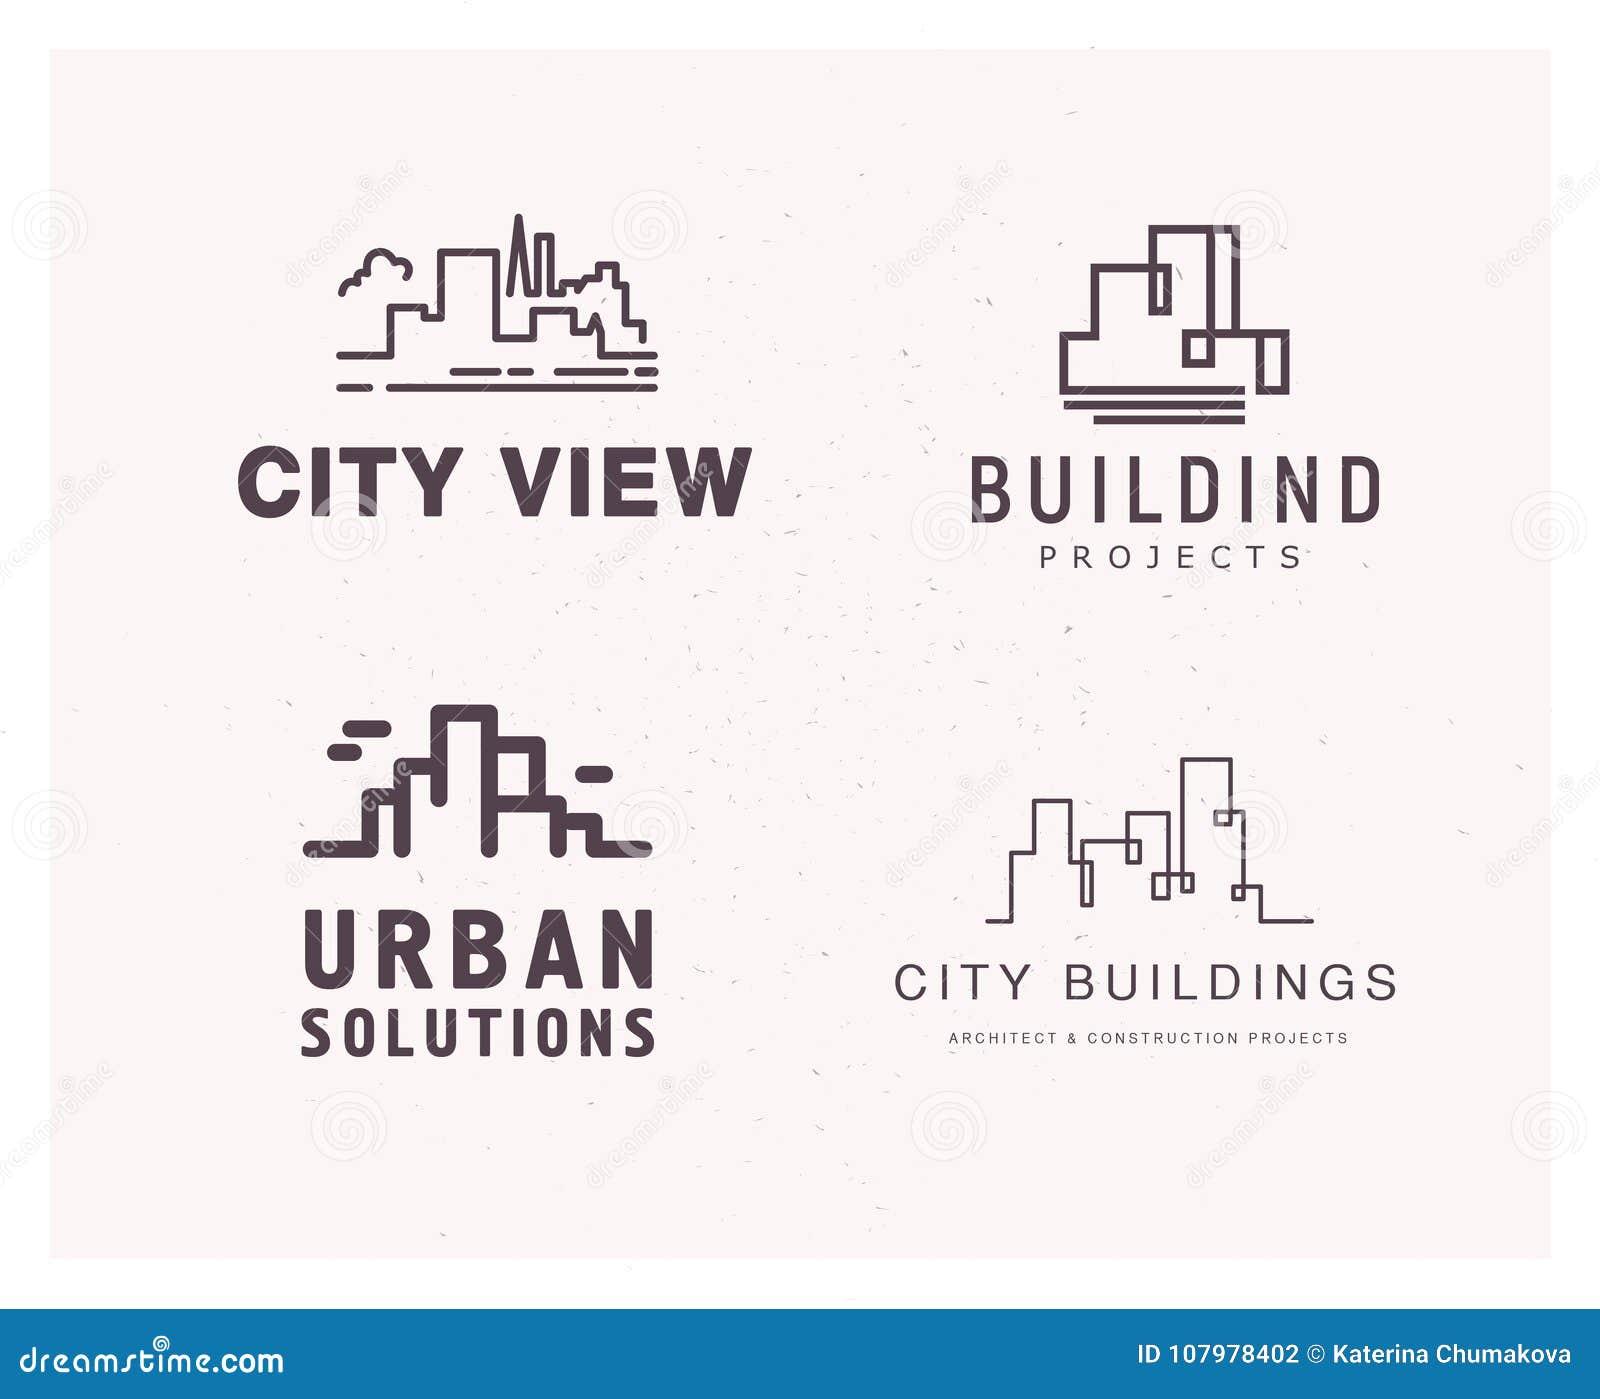 construction company logo templates free